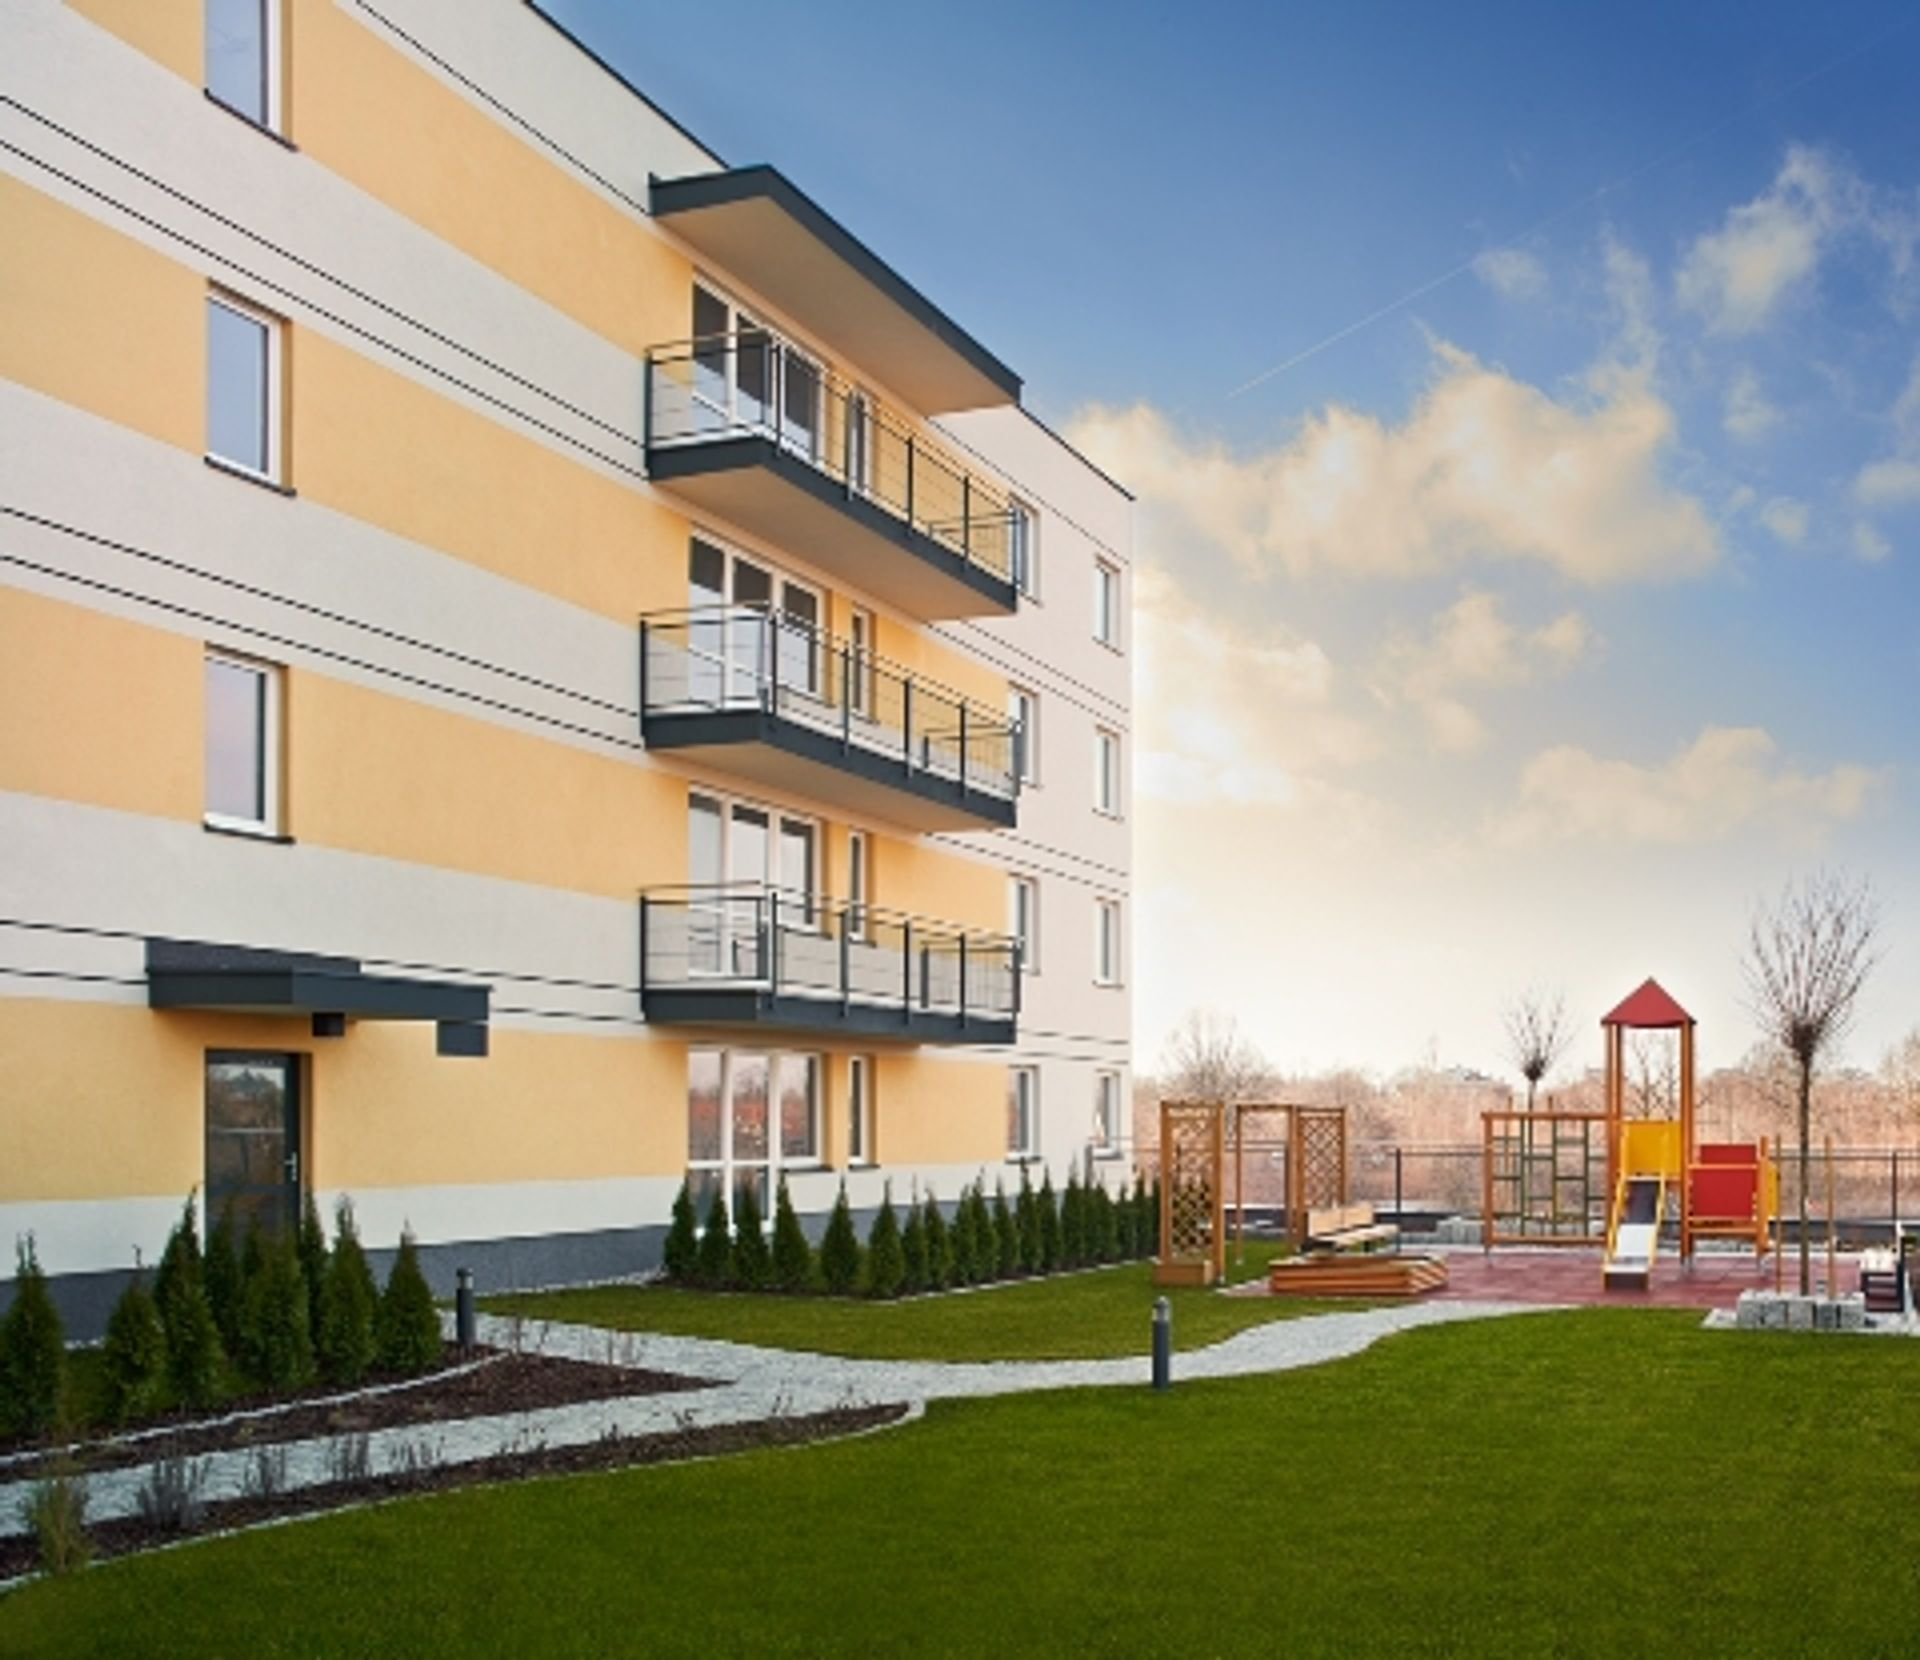 [Warszawa] Zakup mieszkania, czyli konfrontacja marzeń z możliwościami